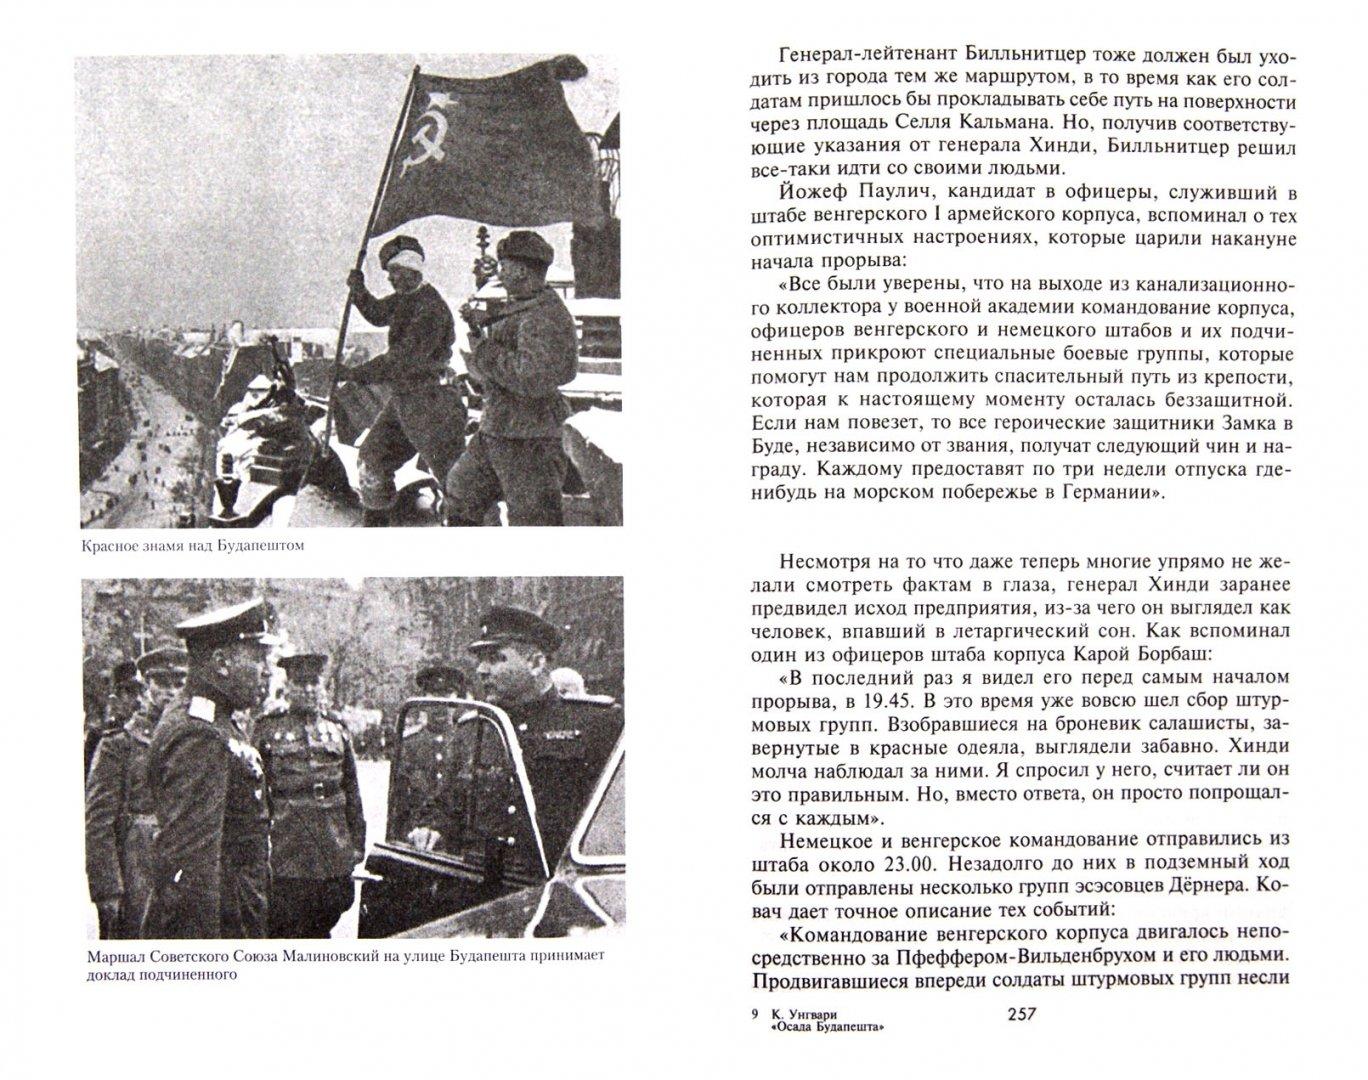 Иллюстрация 1 из 3 для Осада Будапешта. 100 дней Второй мировой войны - Кристиан Унгвари | Лабиринт - книги. Источник: Лабиринт